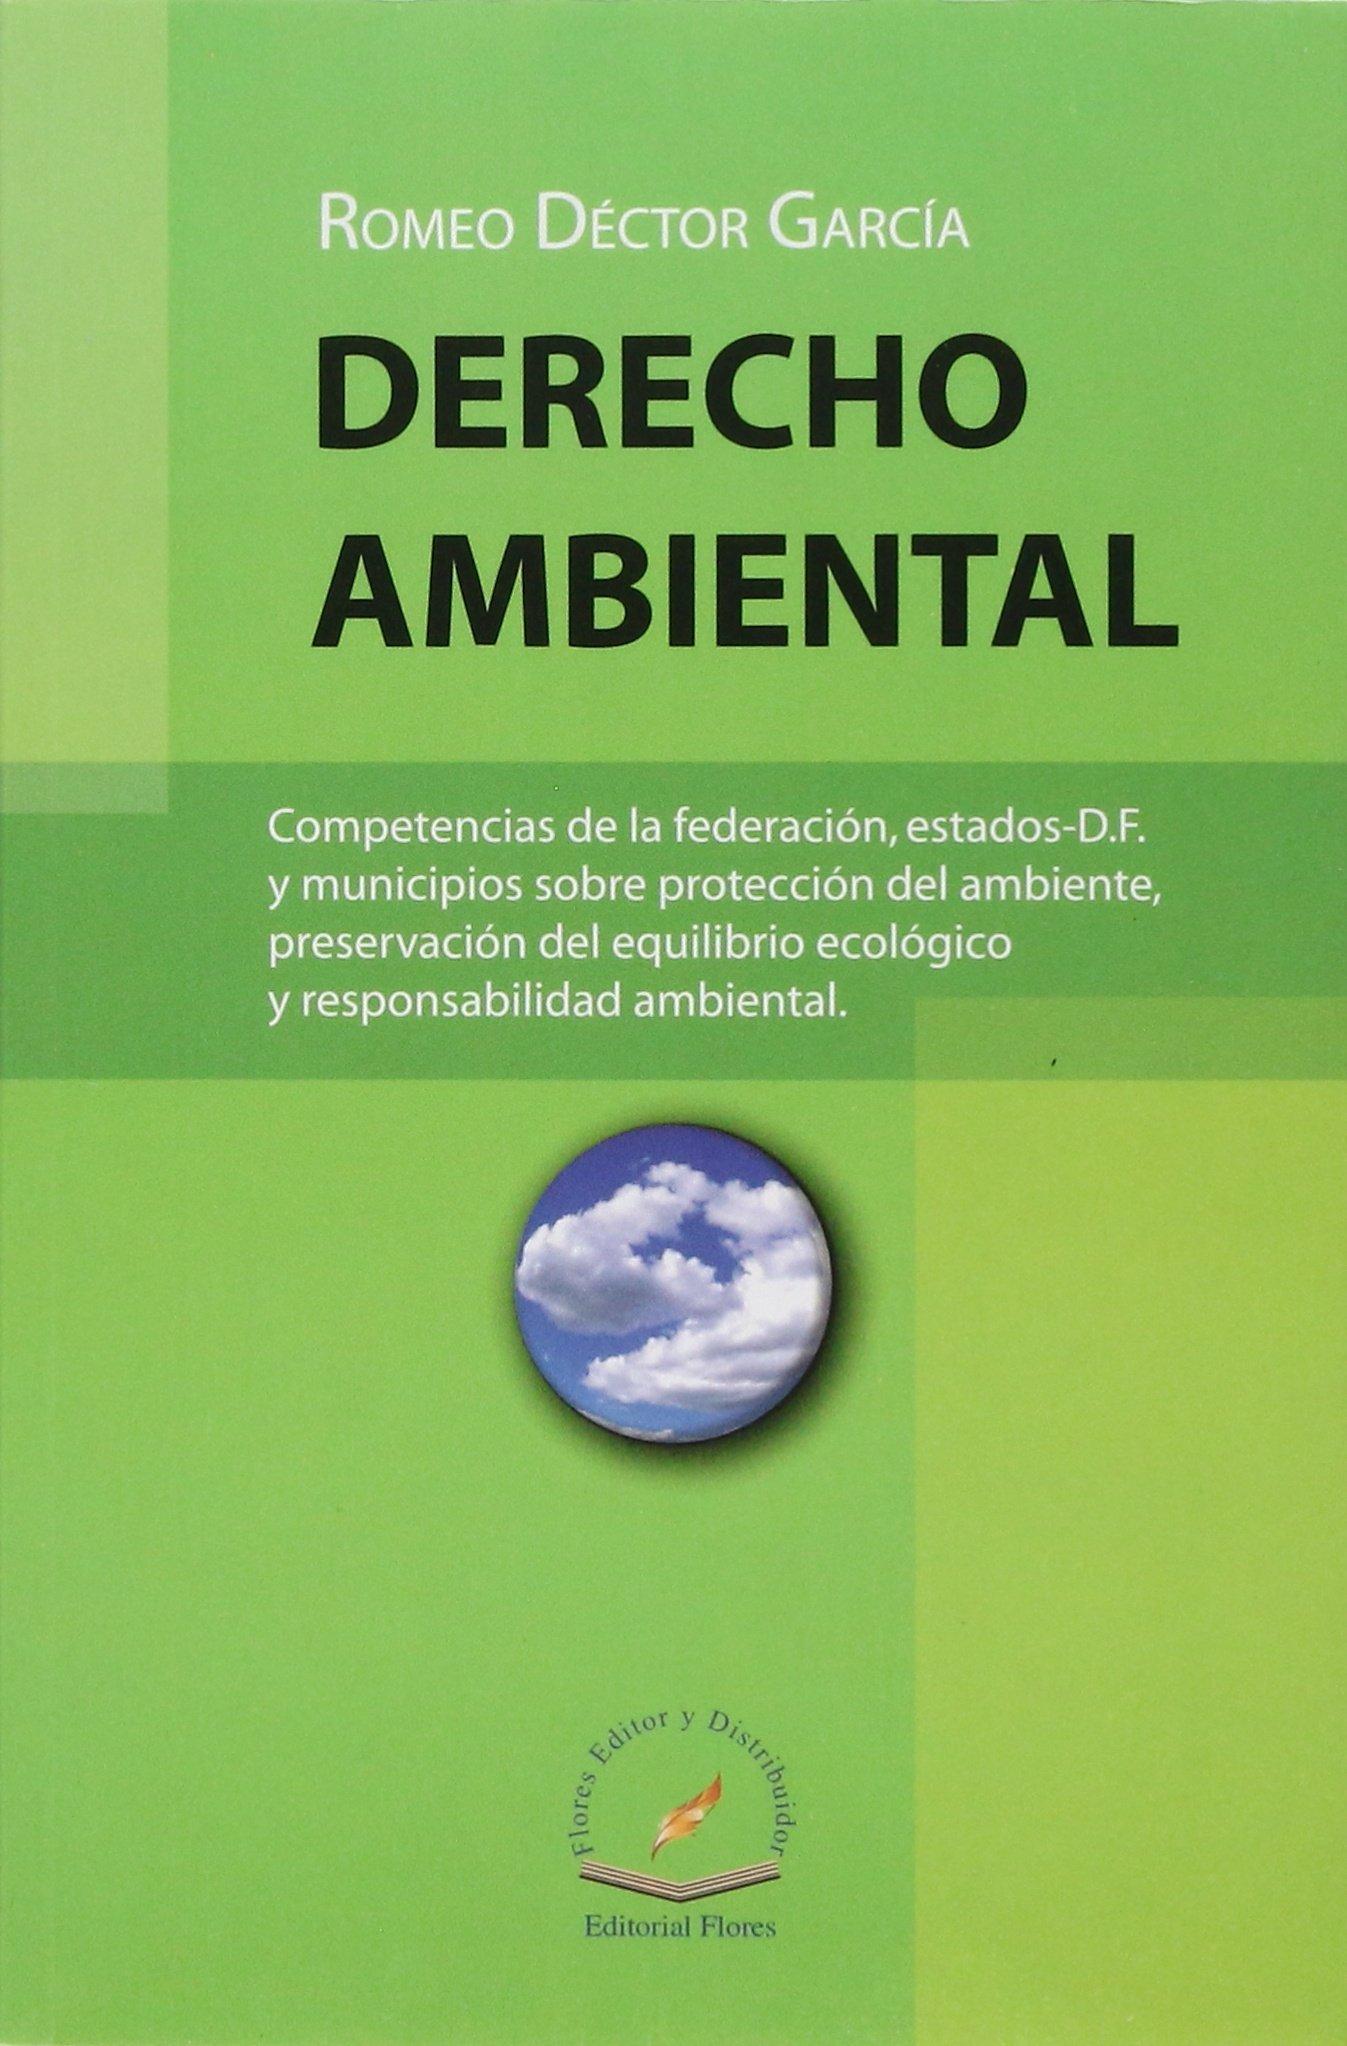 DERECHO AMBIENTAL Paperback – 2014